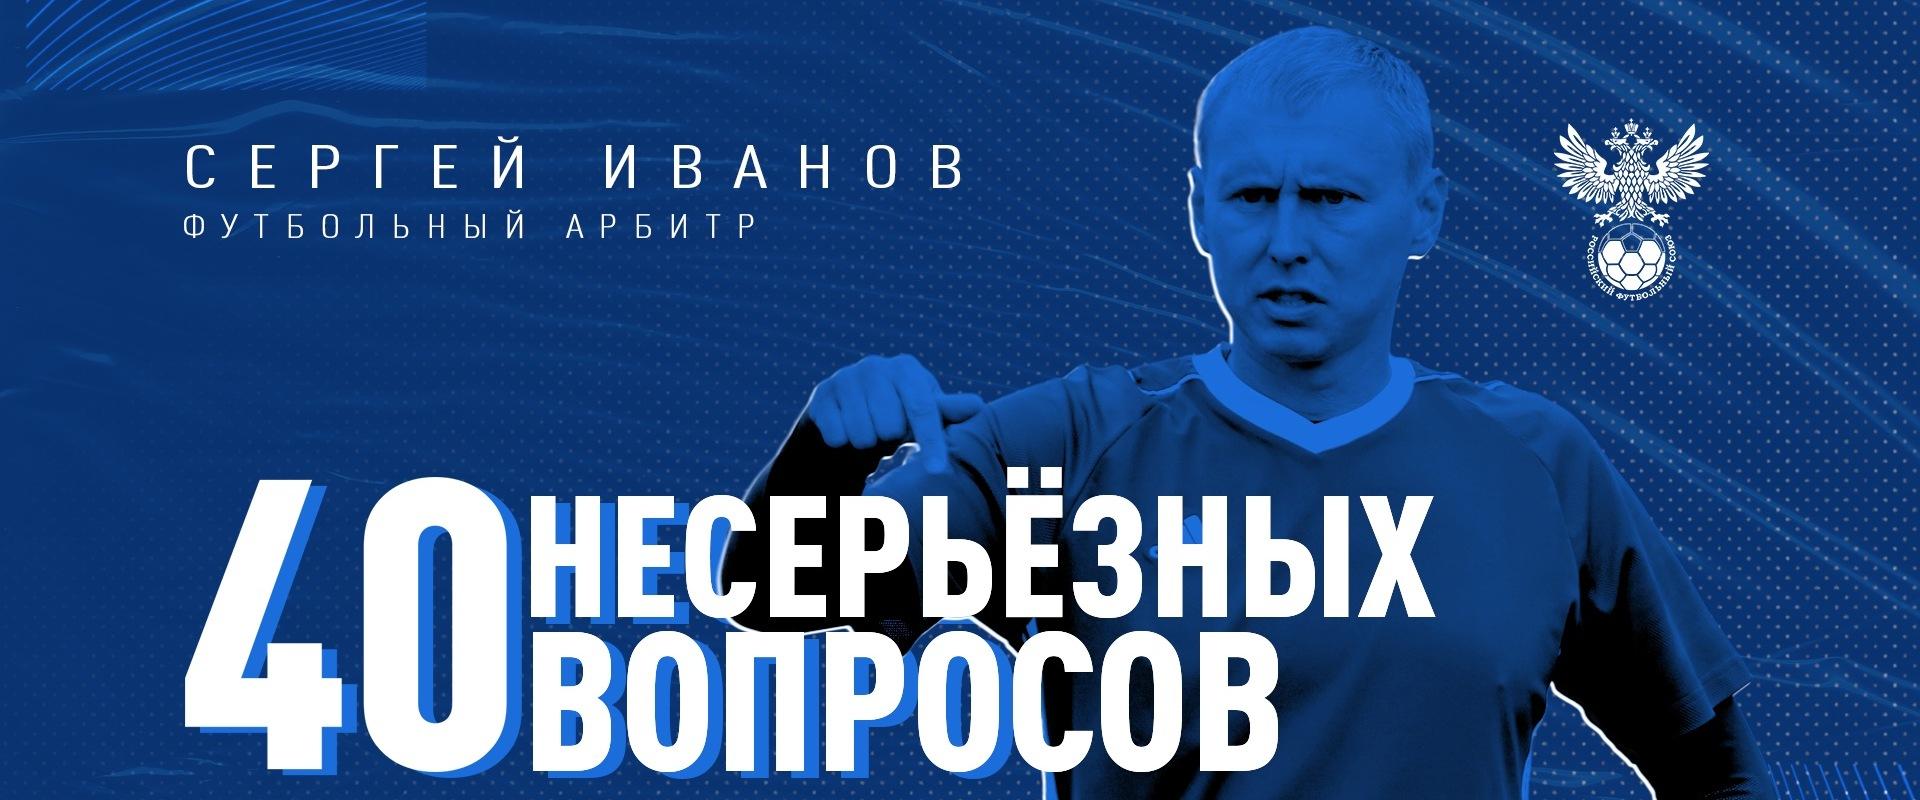 Сергей Иванов ответил на 40 несерьёзных вопросов